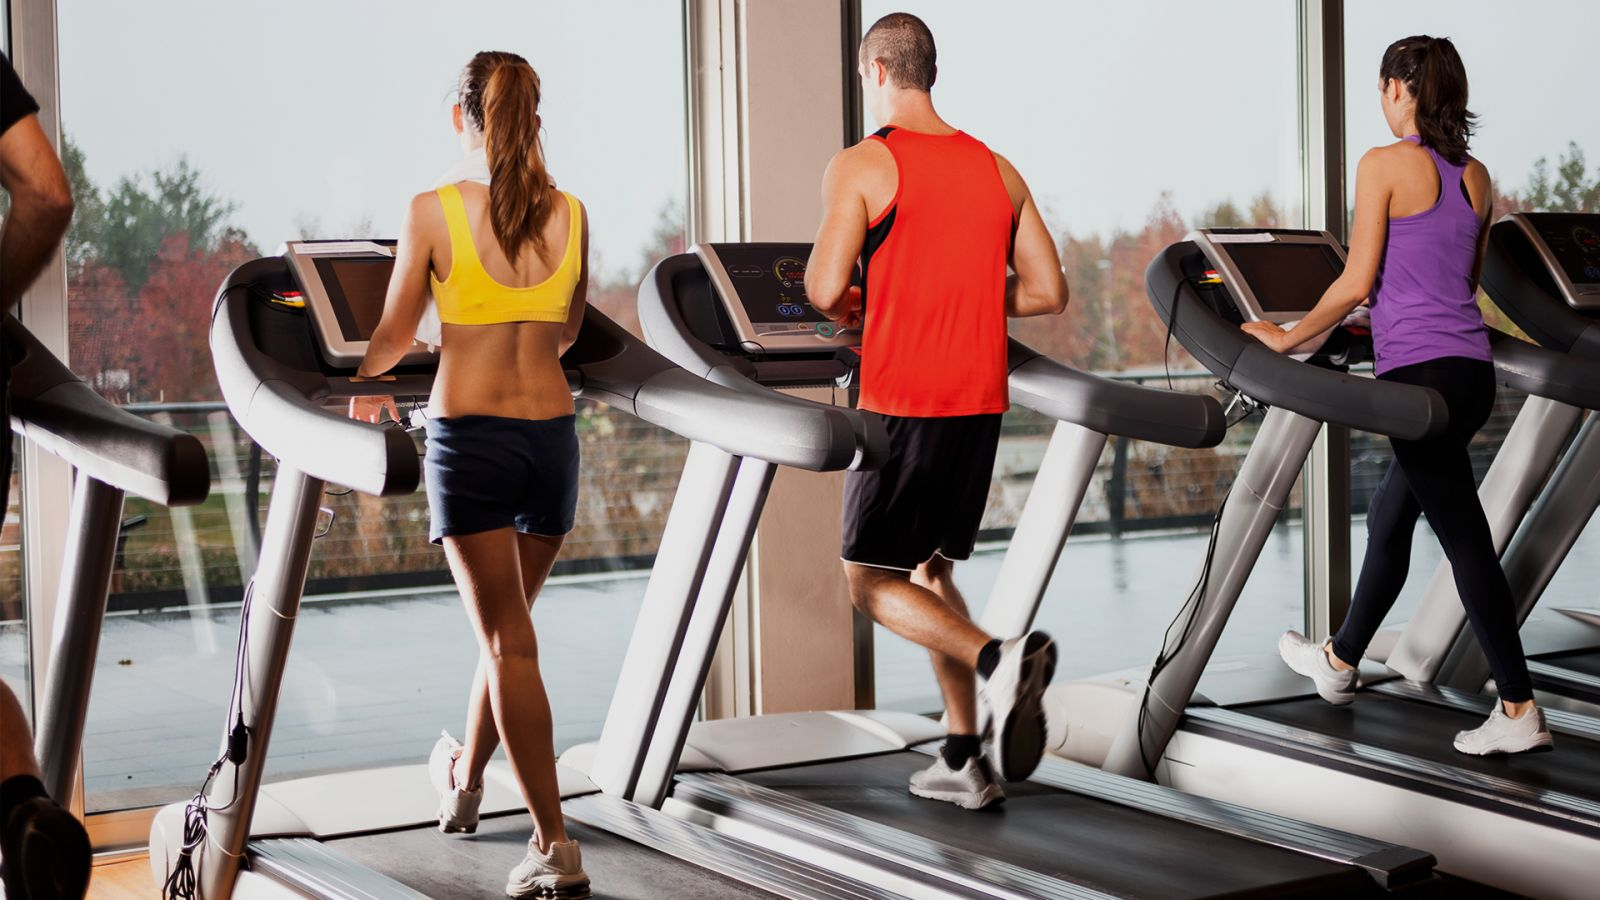 Как правильно бегать на беговой дорожке и сколько нужно заниматься?